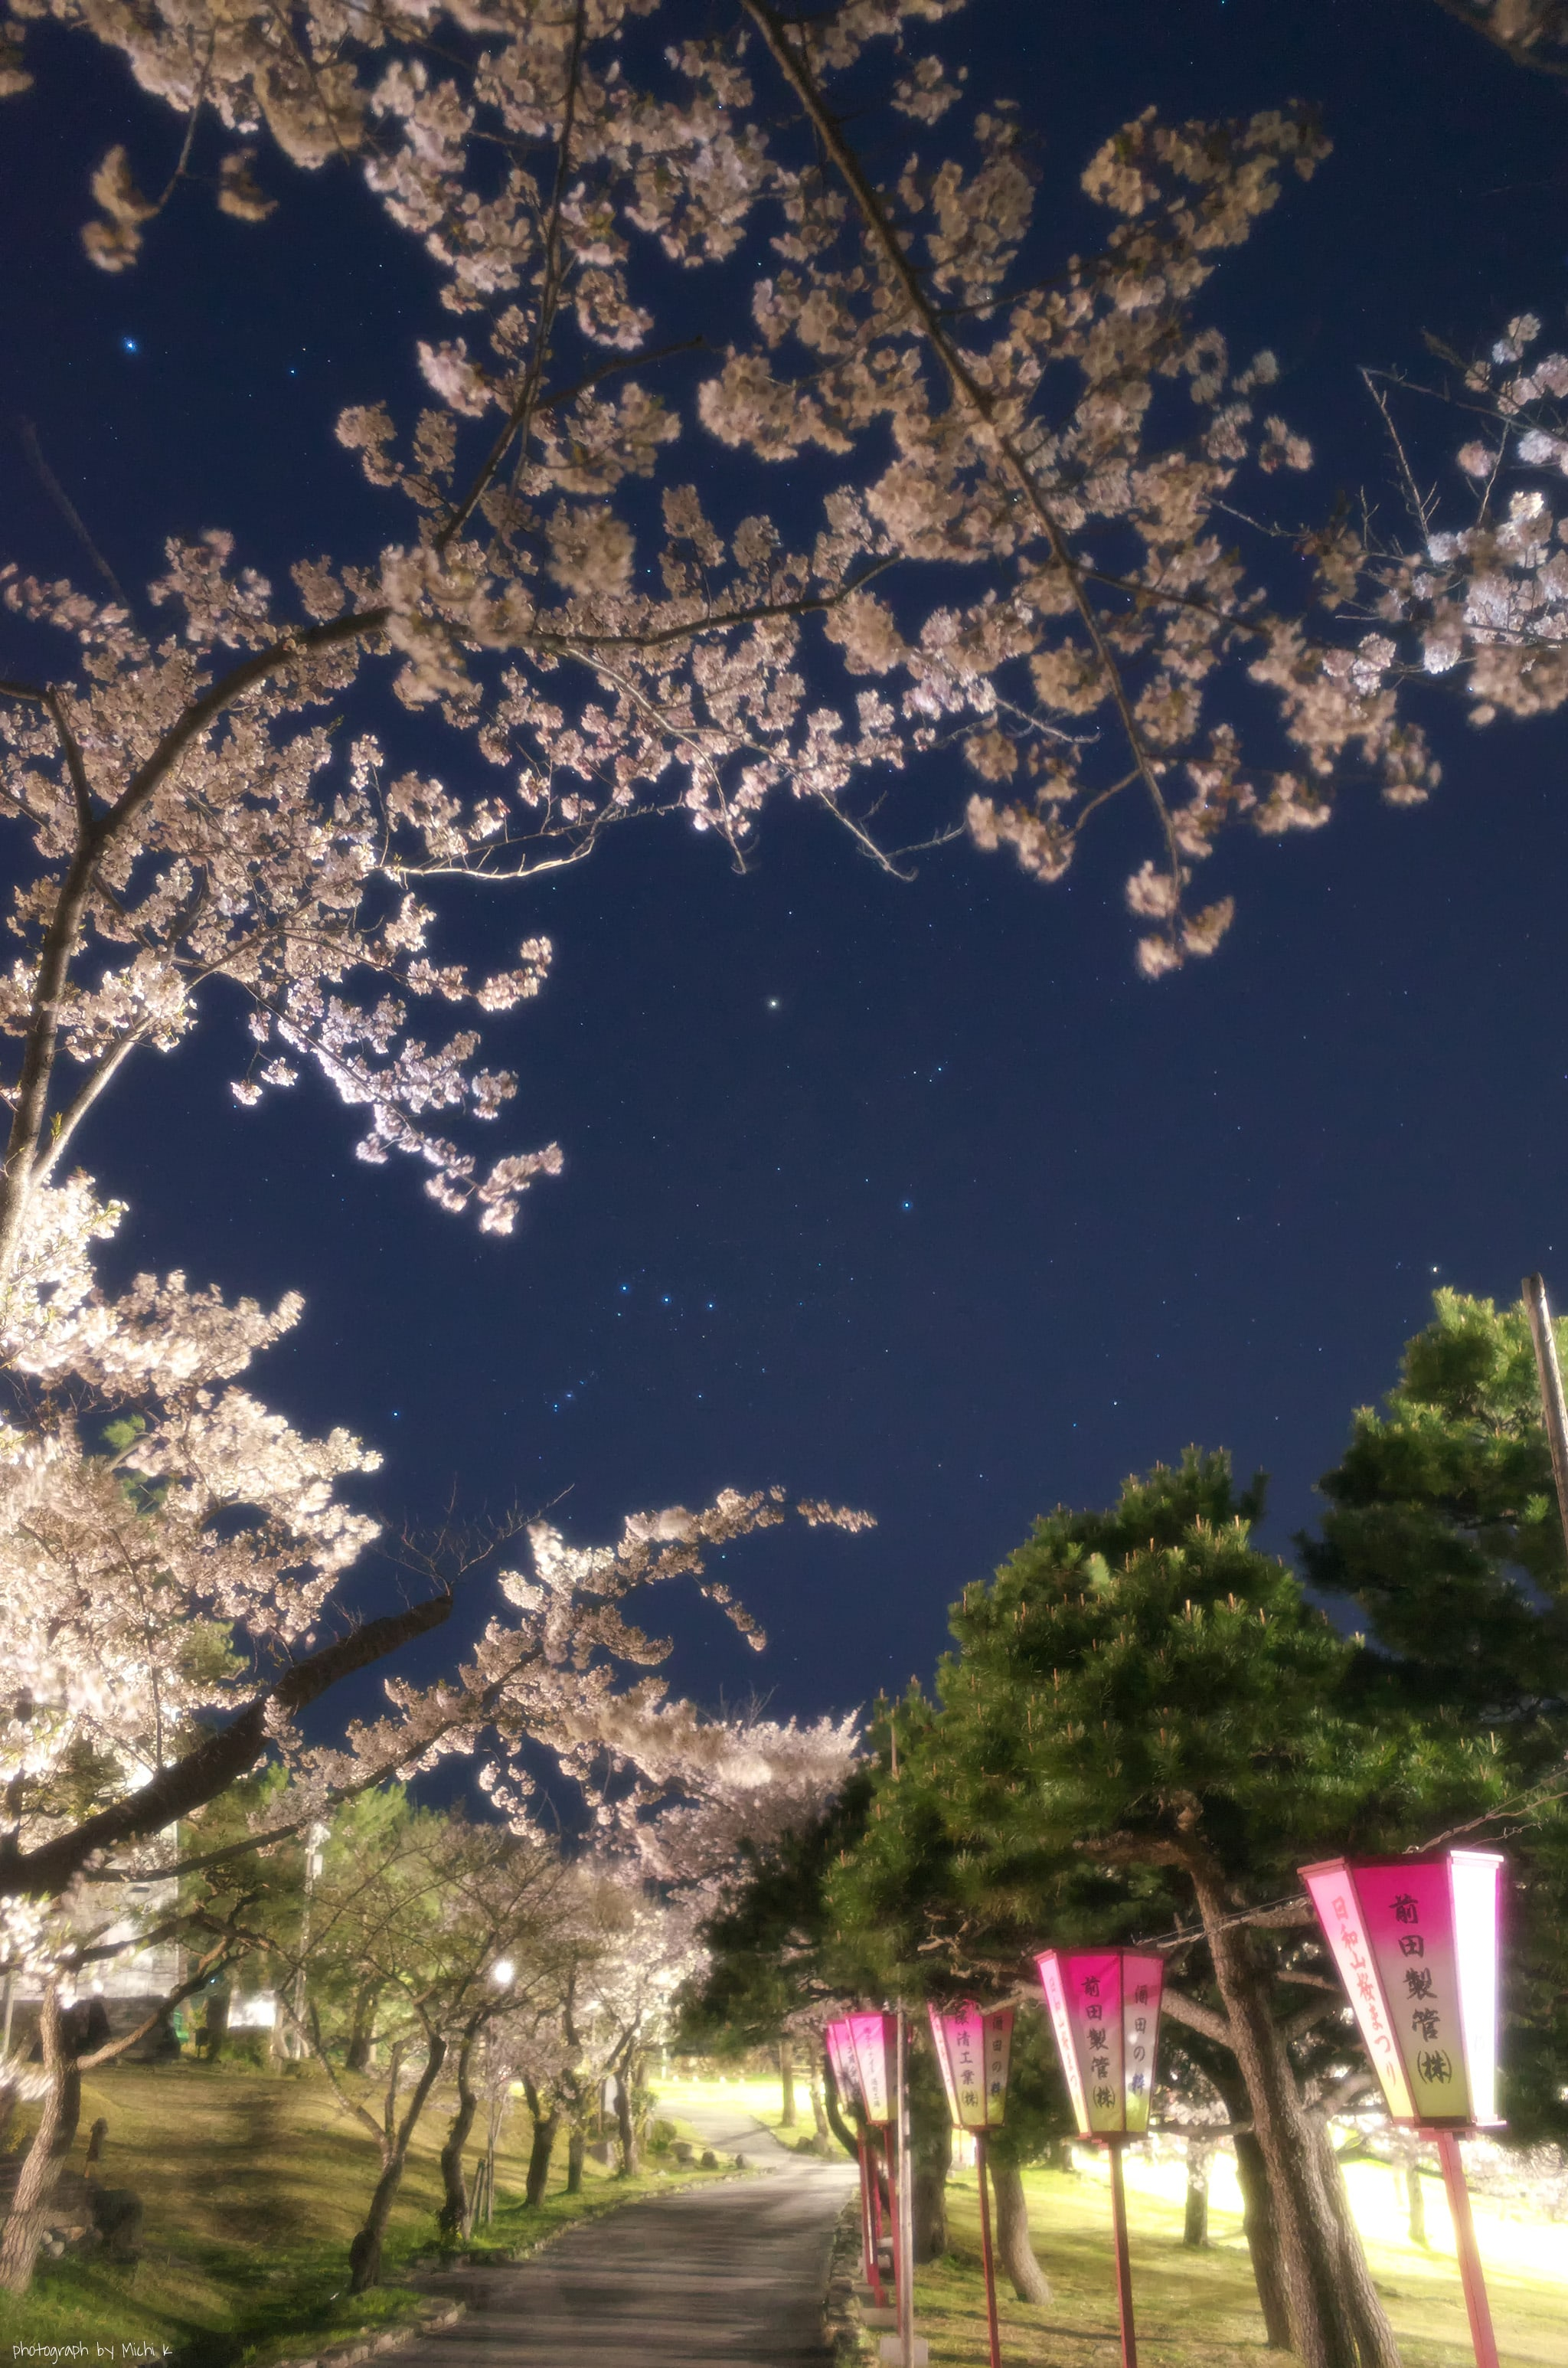 酒田市、夜桜の日和山公園2020-4-16(写真その1)